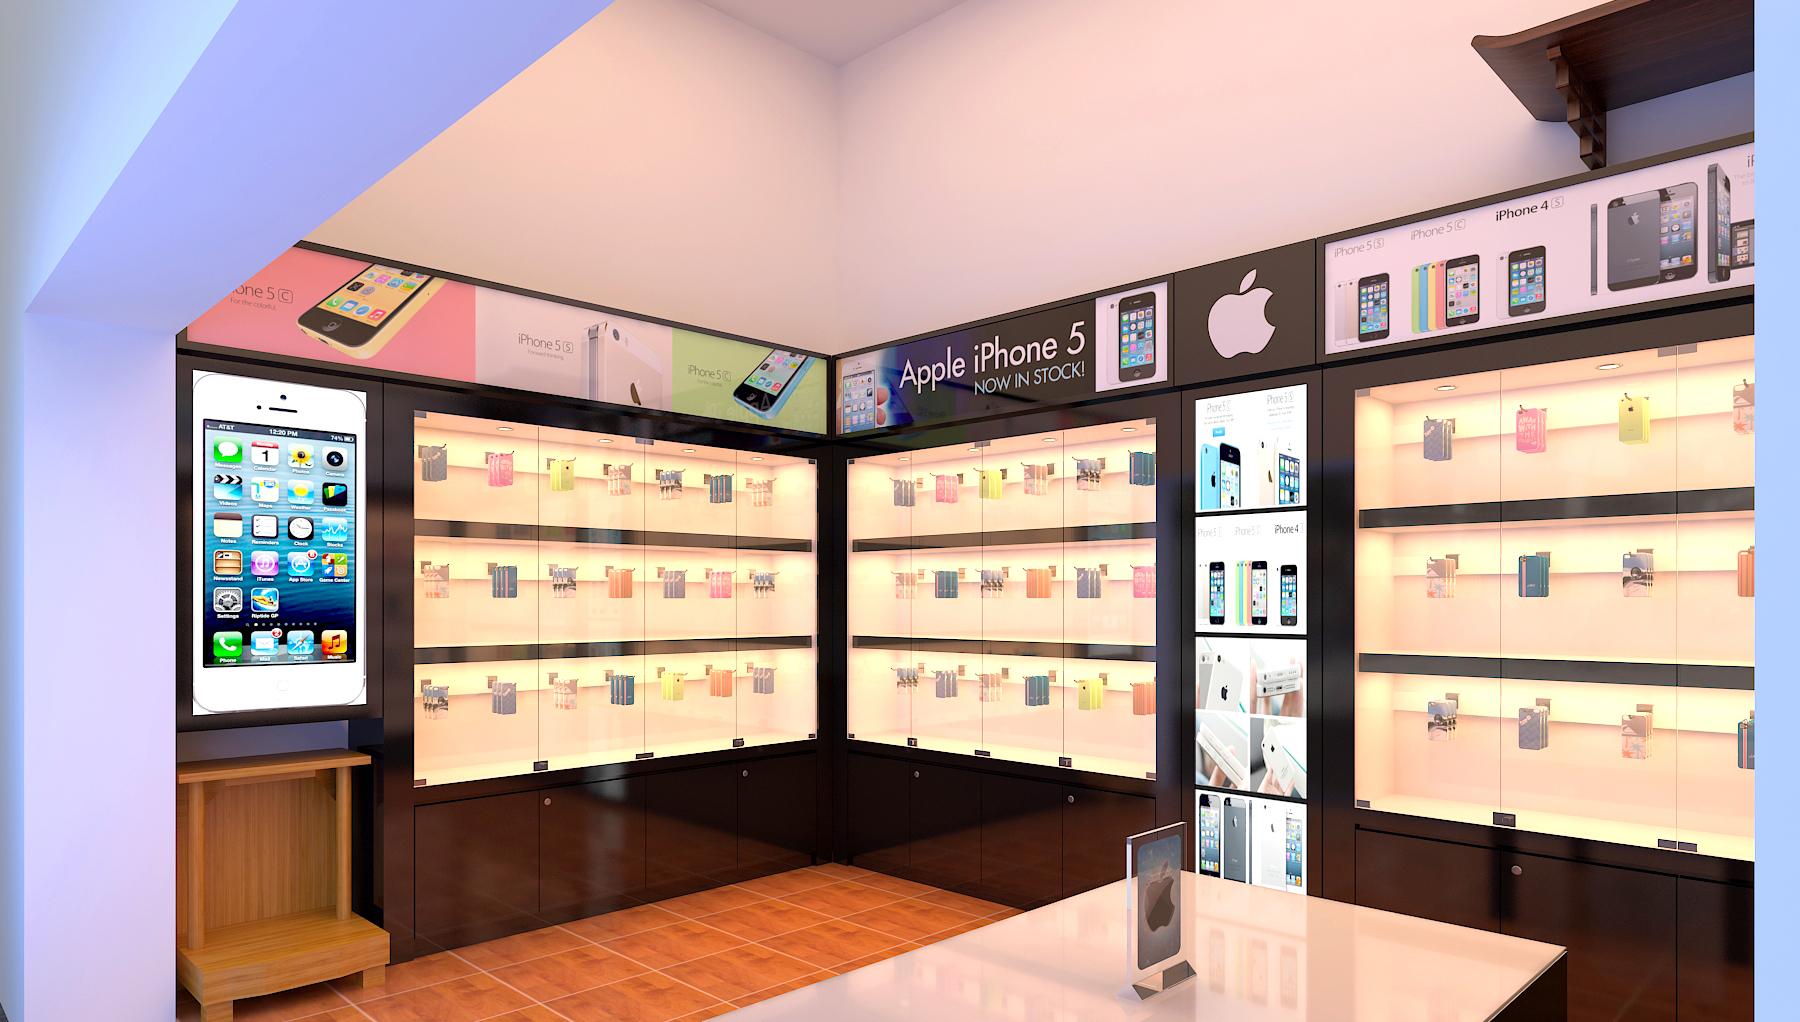 Giải pháp lắp đặt thiết bị báo động chống trộm cho cửa hàng điện thoại tại TPHCM